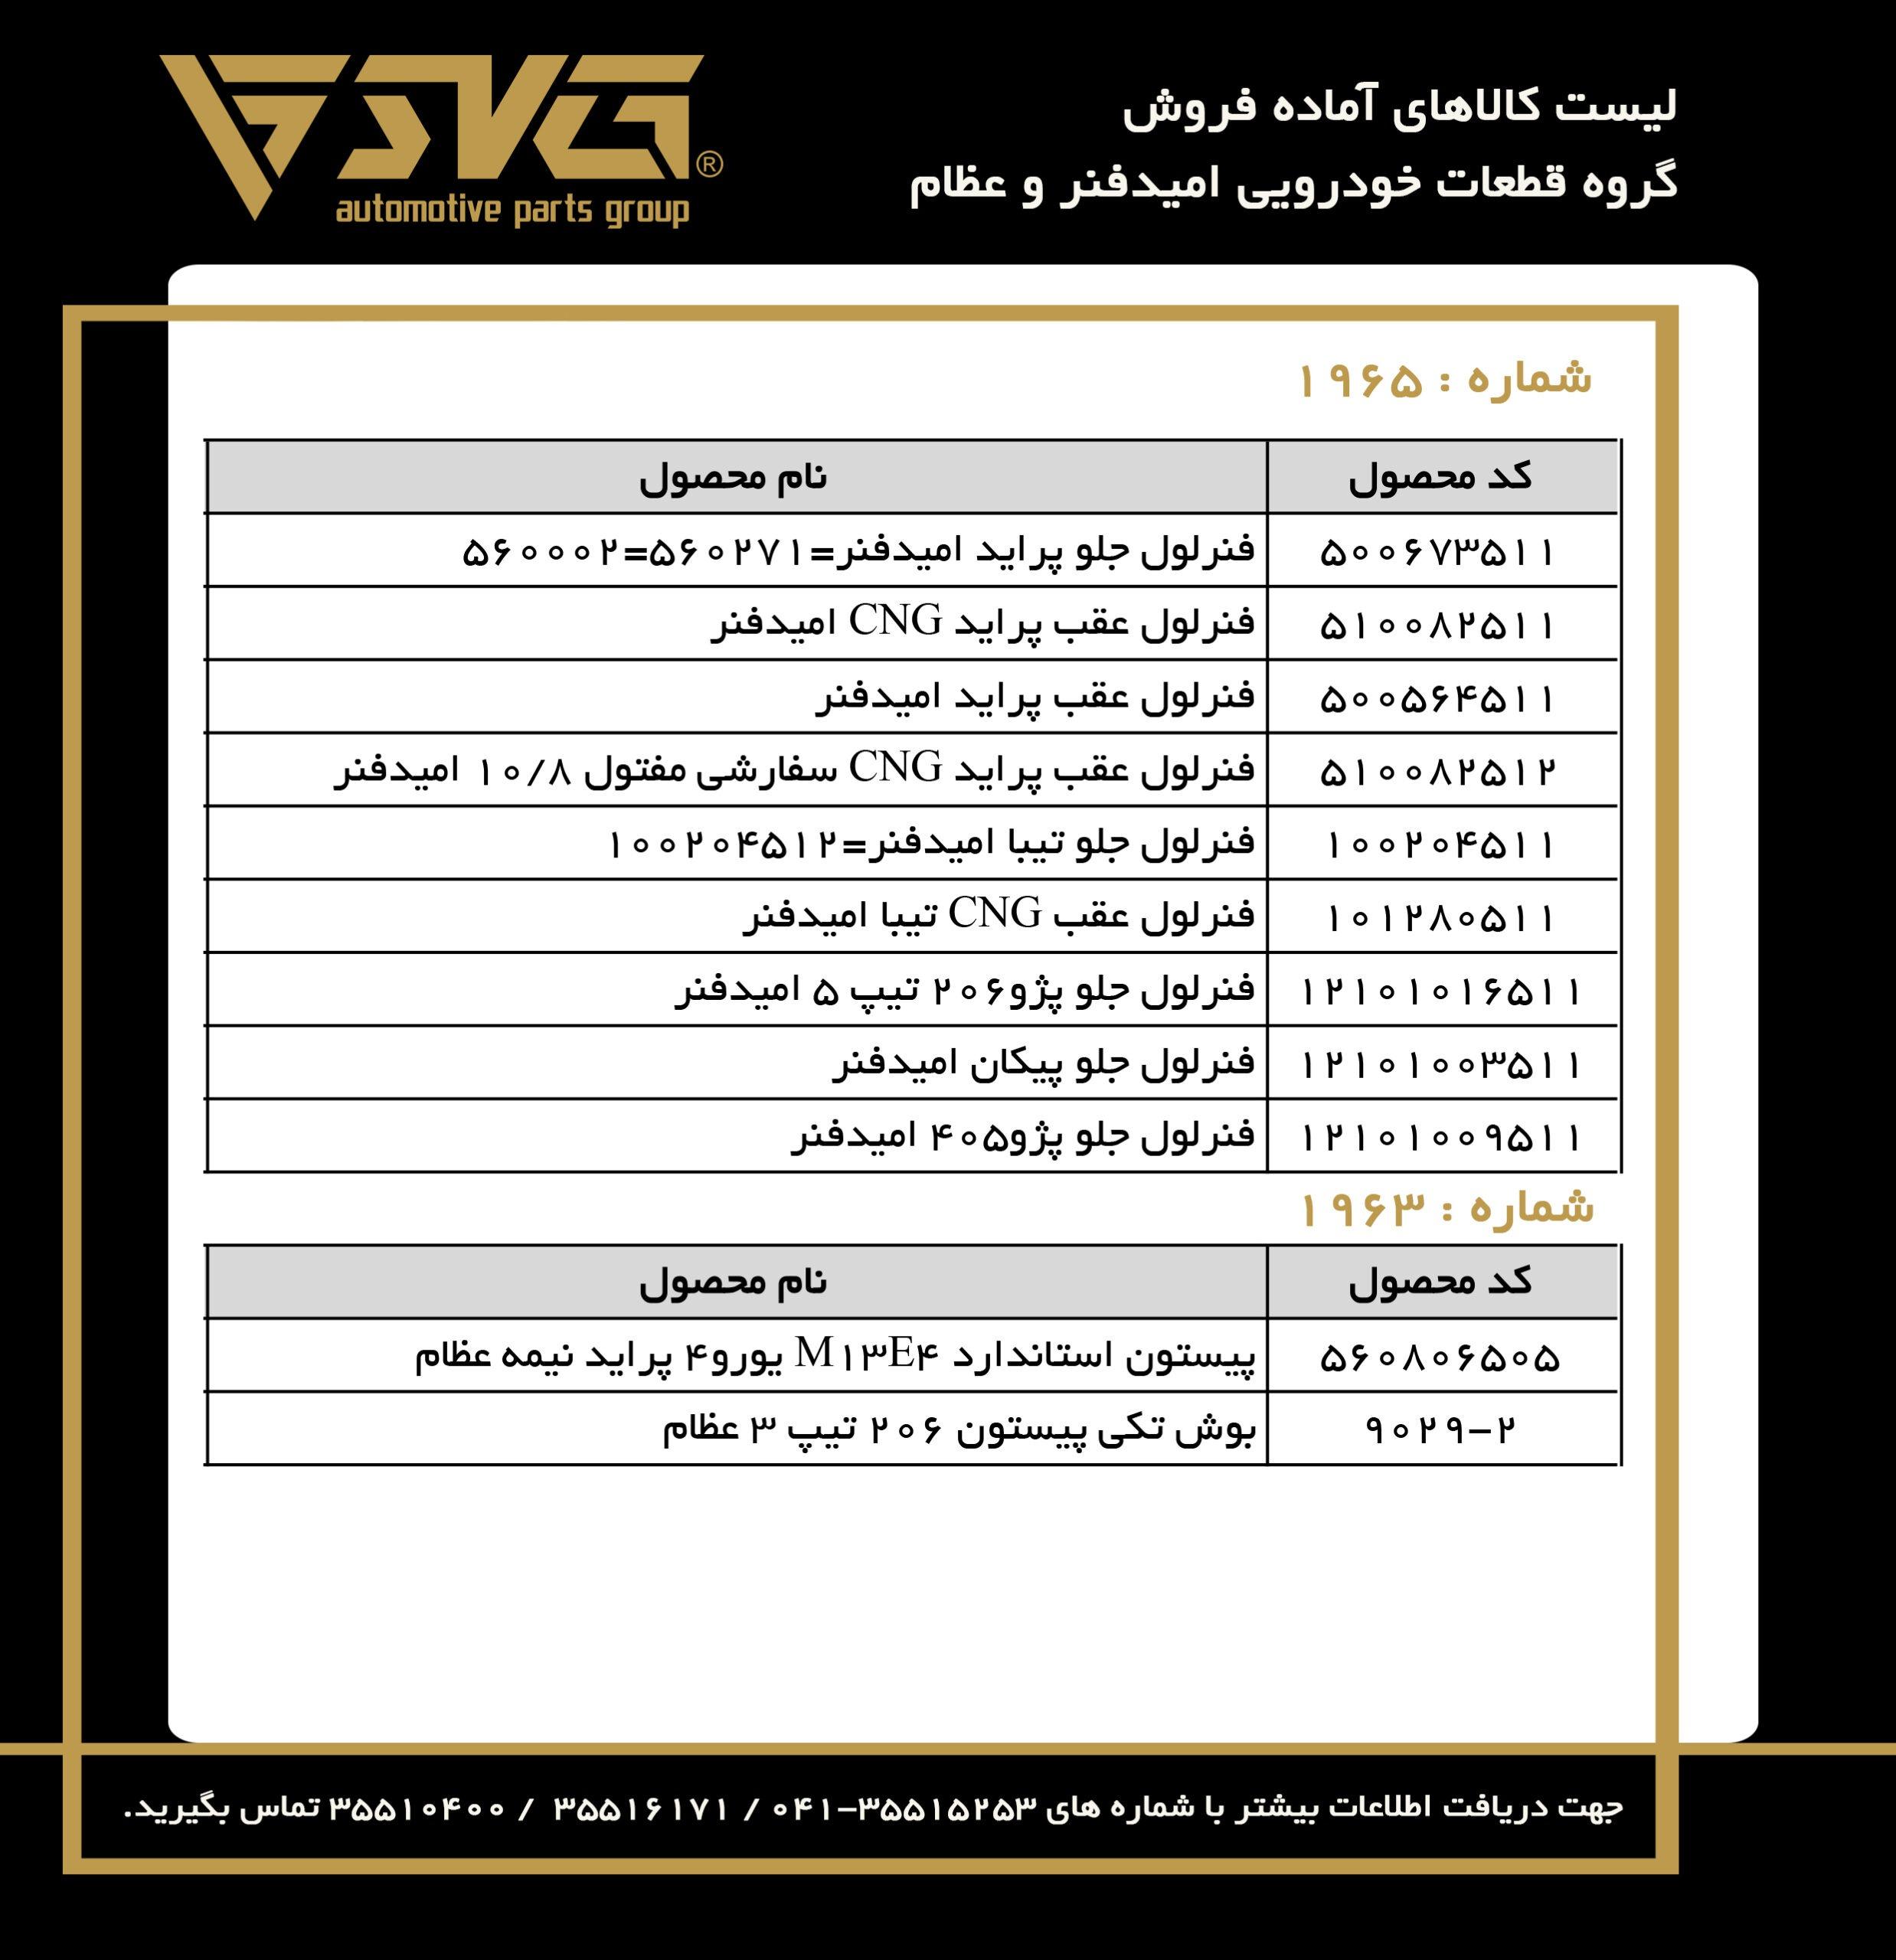 آماده فروش 30 بهمن 99